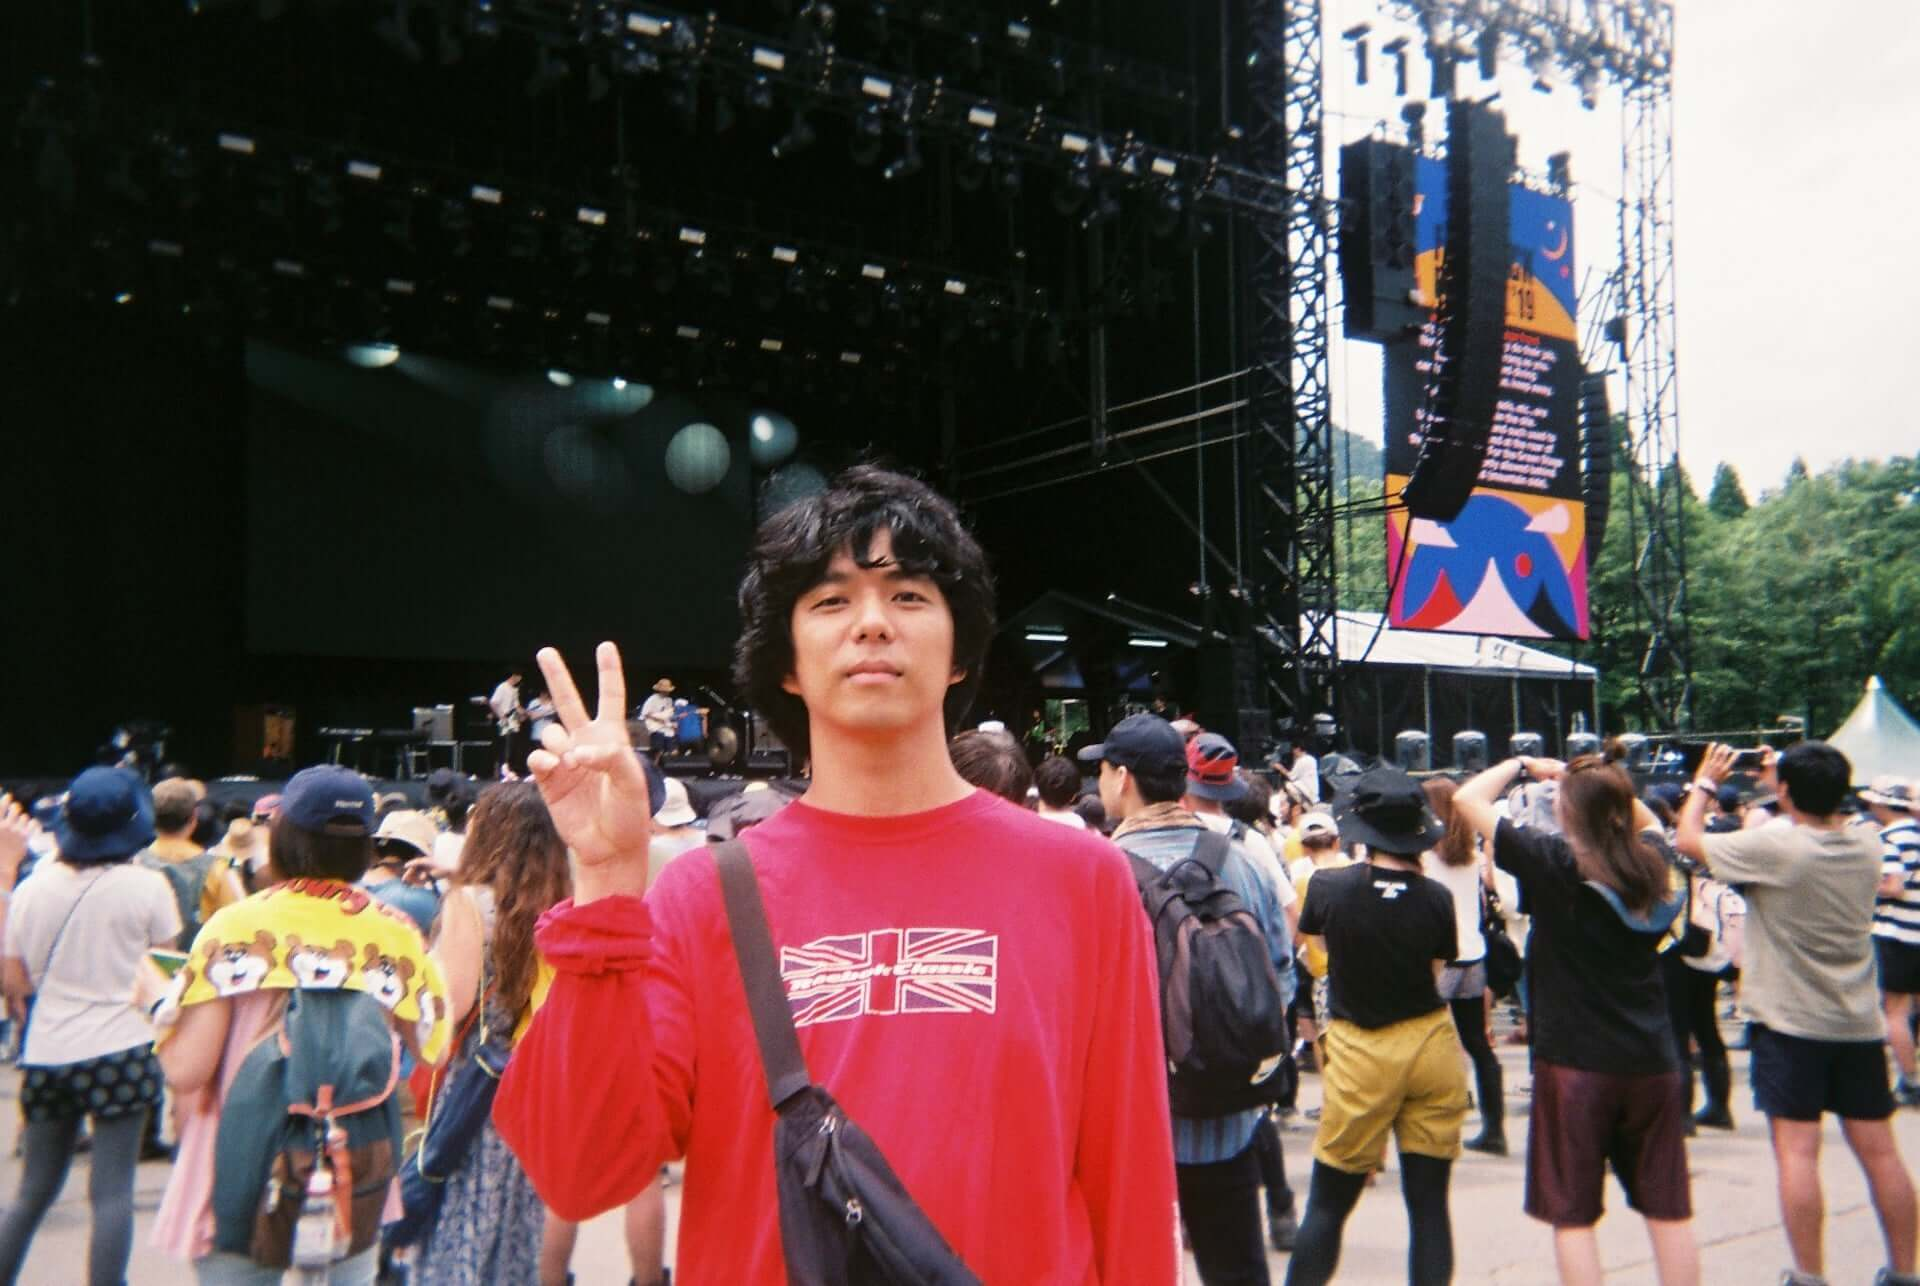 フェスレポート|TENDOUJIが切り取る<FUJI ROCK FESTIVAL'19> FH000009.jpg-1920x1286